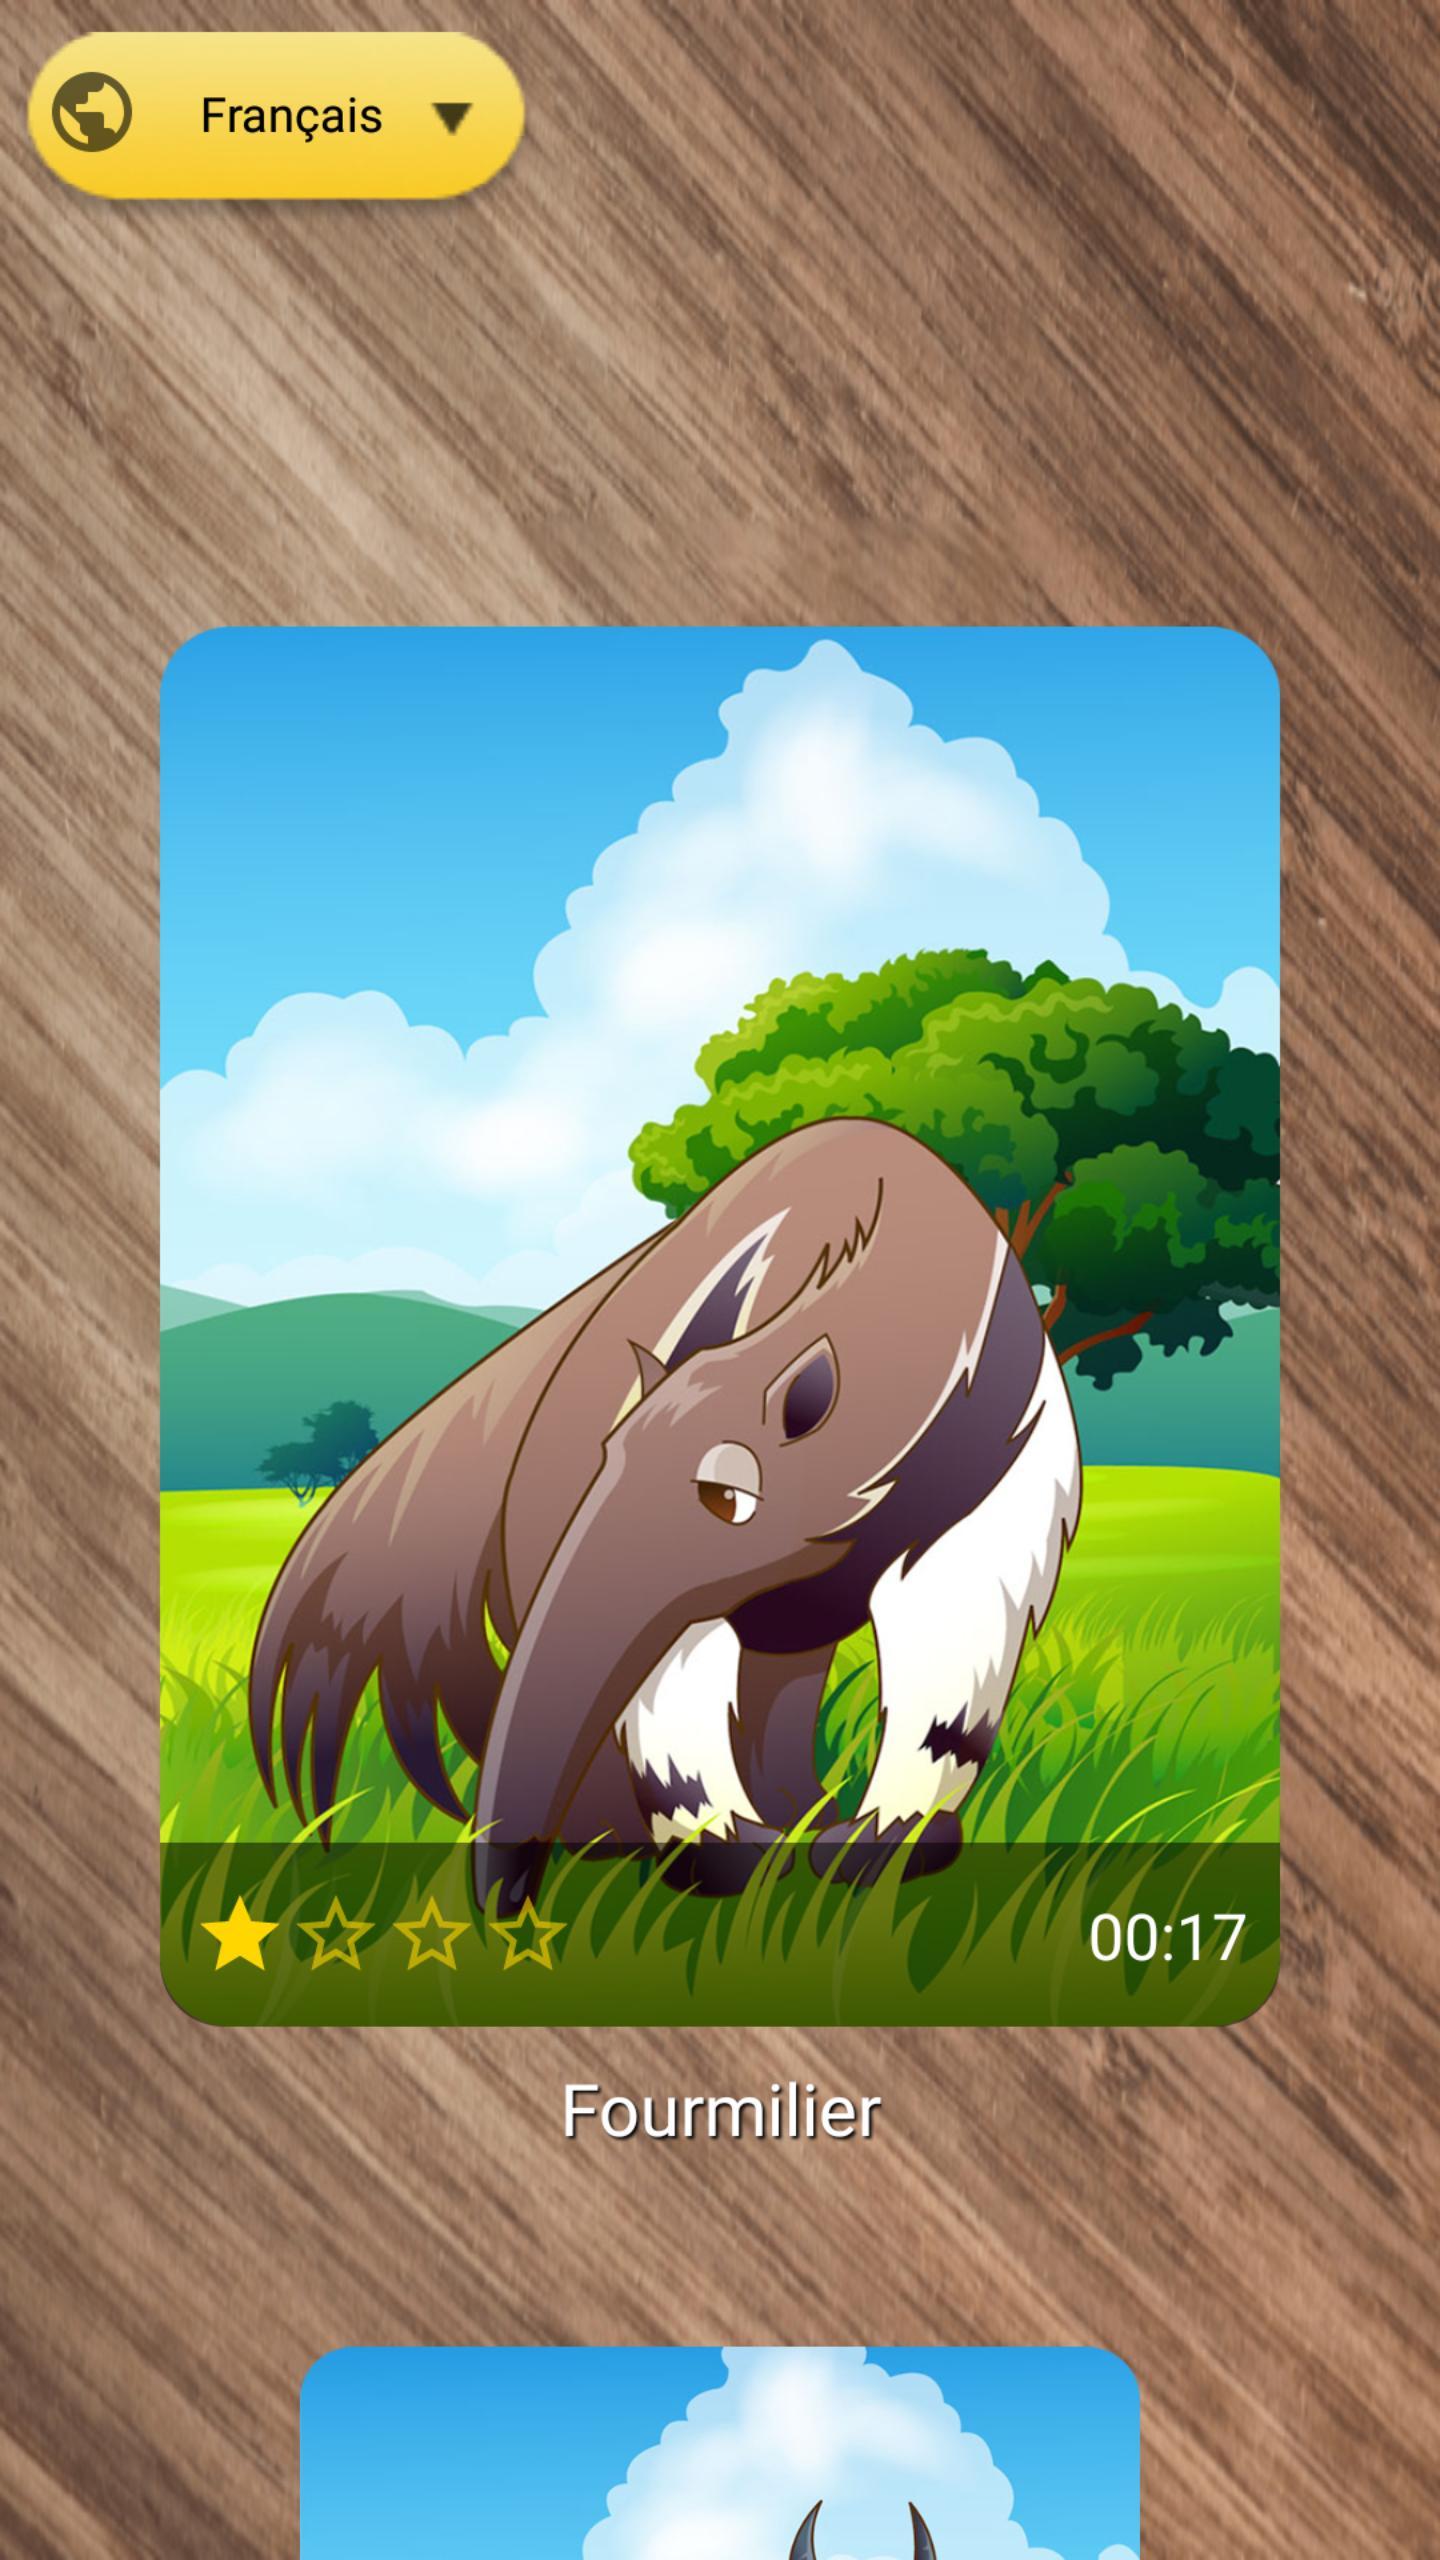 Jeux De Puzzle D'animaux Gratuit Pour Android - Téléchargez à Jeux D Animaux Gratuit